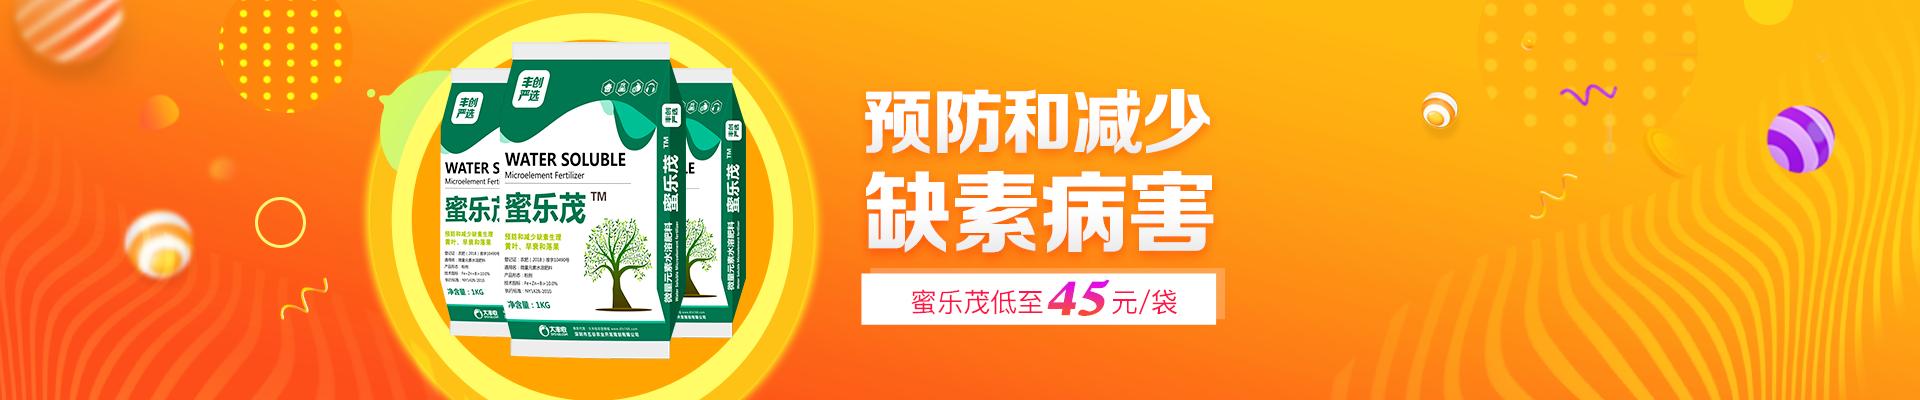 【6月】众筹-蜜乐茂-PC-栏目-轮播